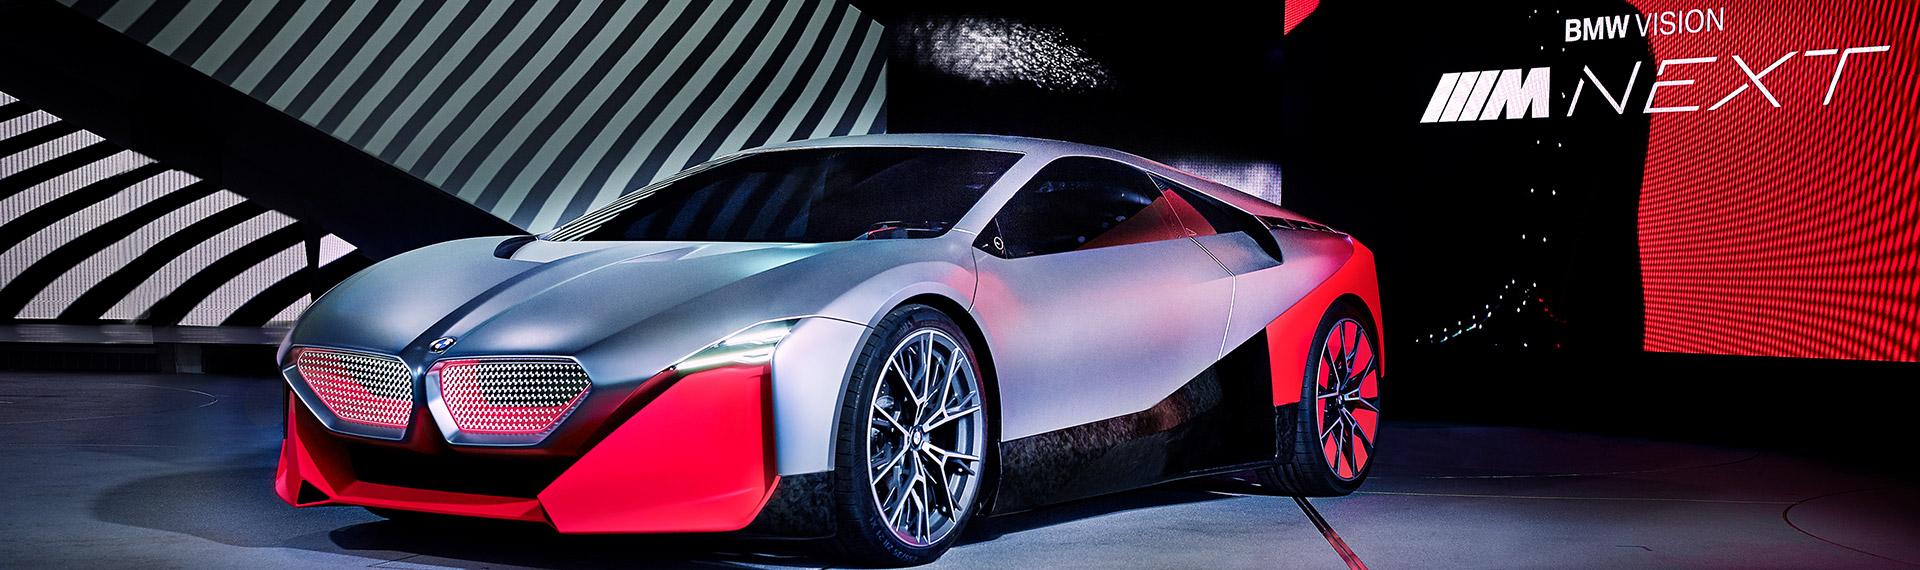 BMW Vision M NEXT concept car front 3/4 view